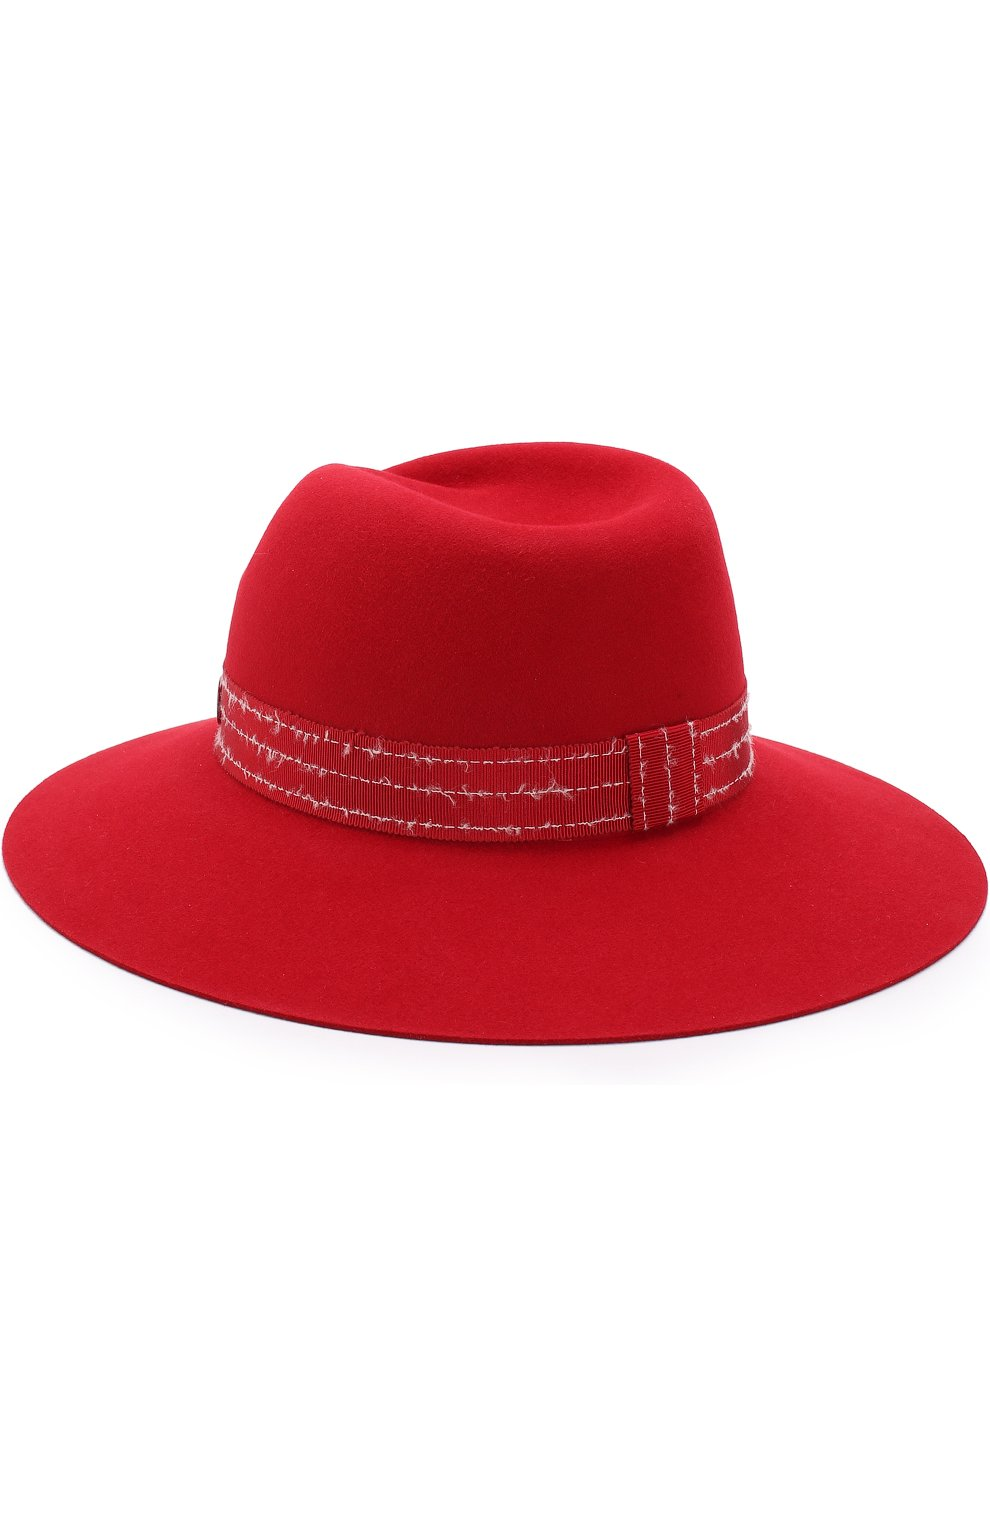 Фетровая шляпа Virginie с лентой Maison Michel красного цвета | Фото №2